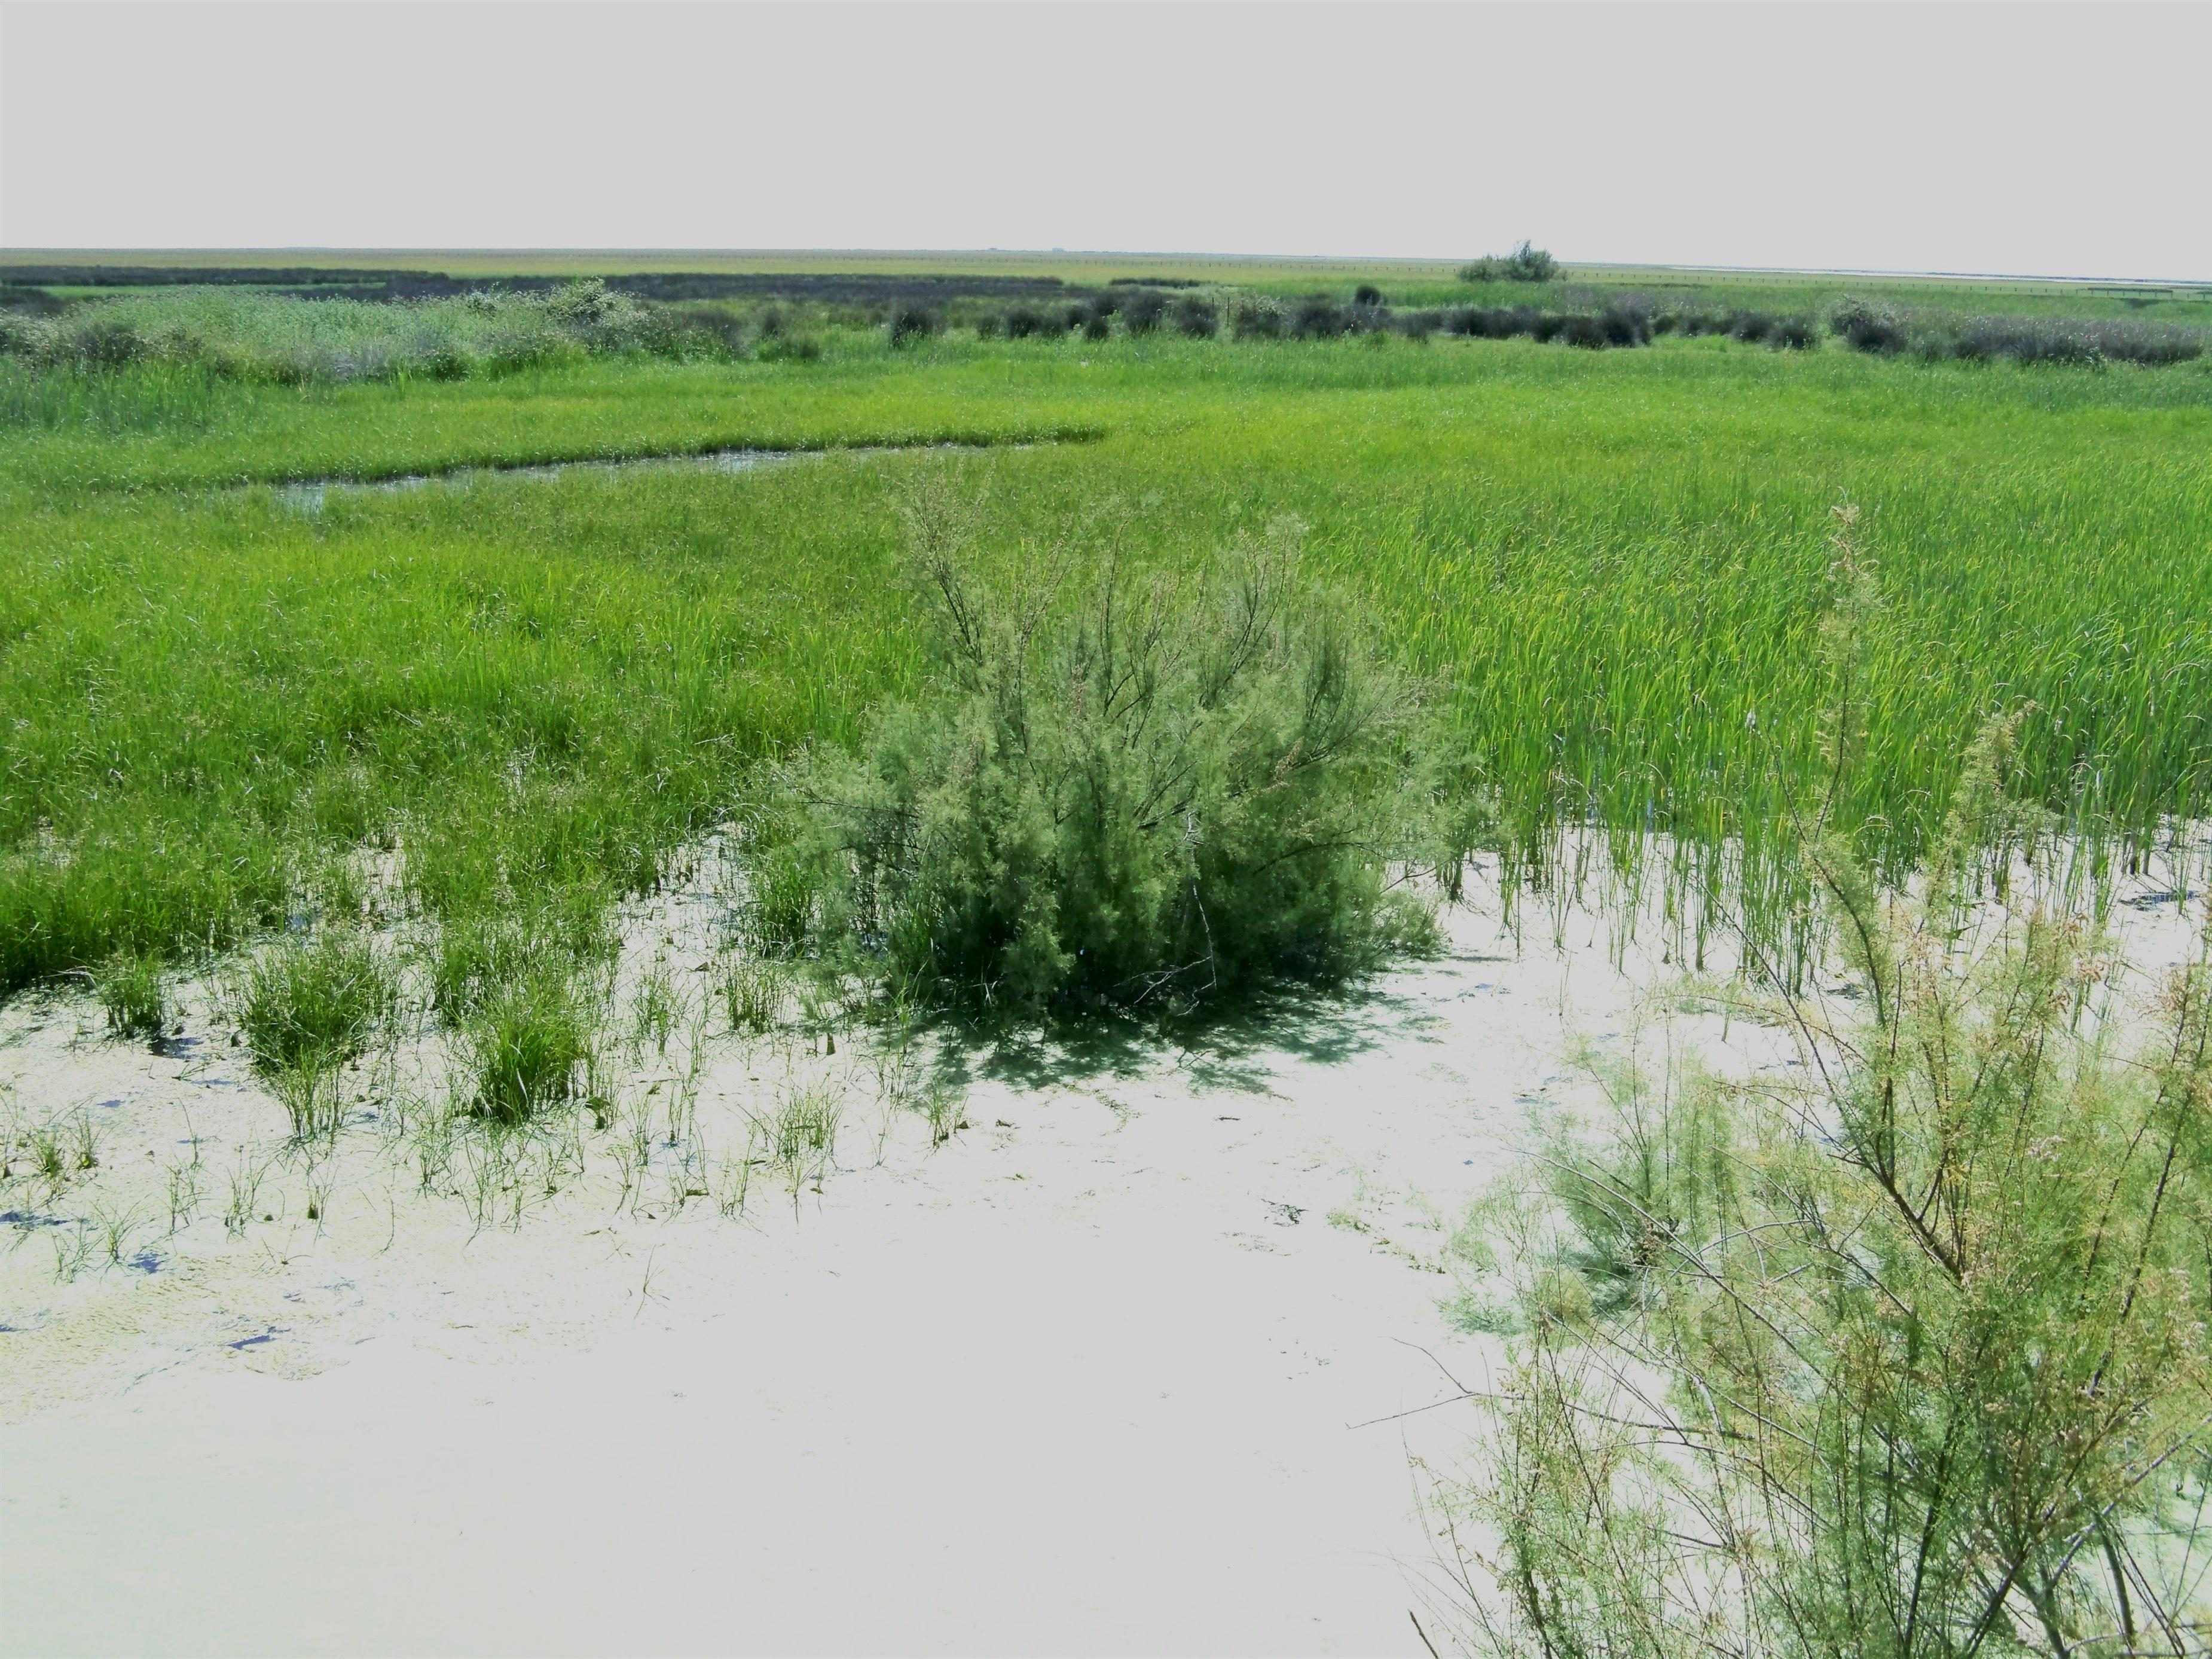 La agenda provisional de la Unesco contempla debatir el estado de conservación de Doñana a partir del 19 de junio